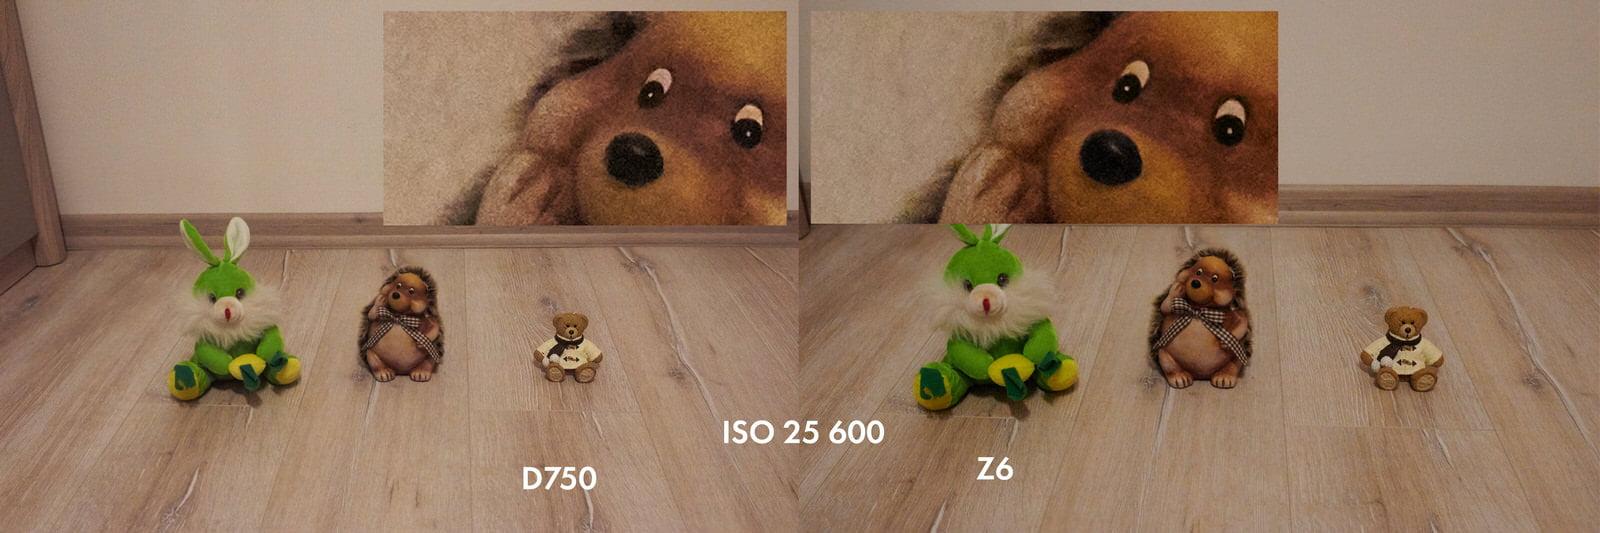 Recenzja Nikon Z6 w fotografii ślubnej | Porównanie do Nikona D750 15